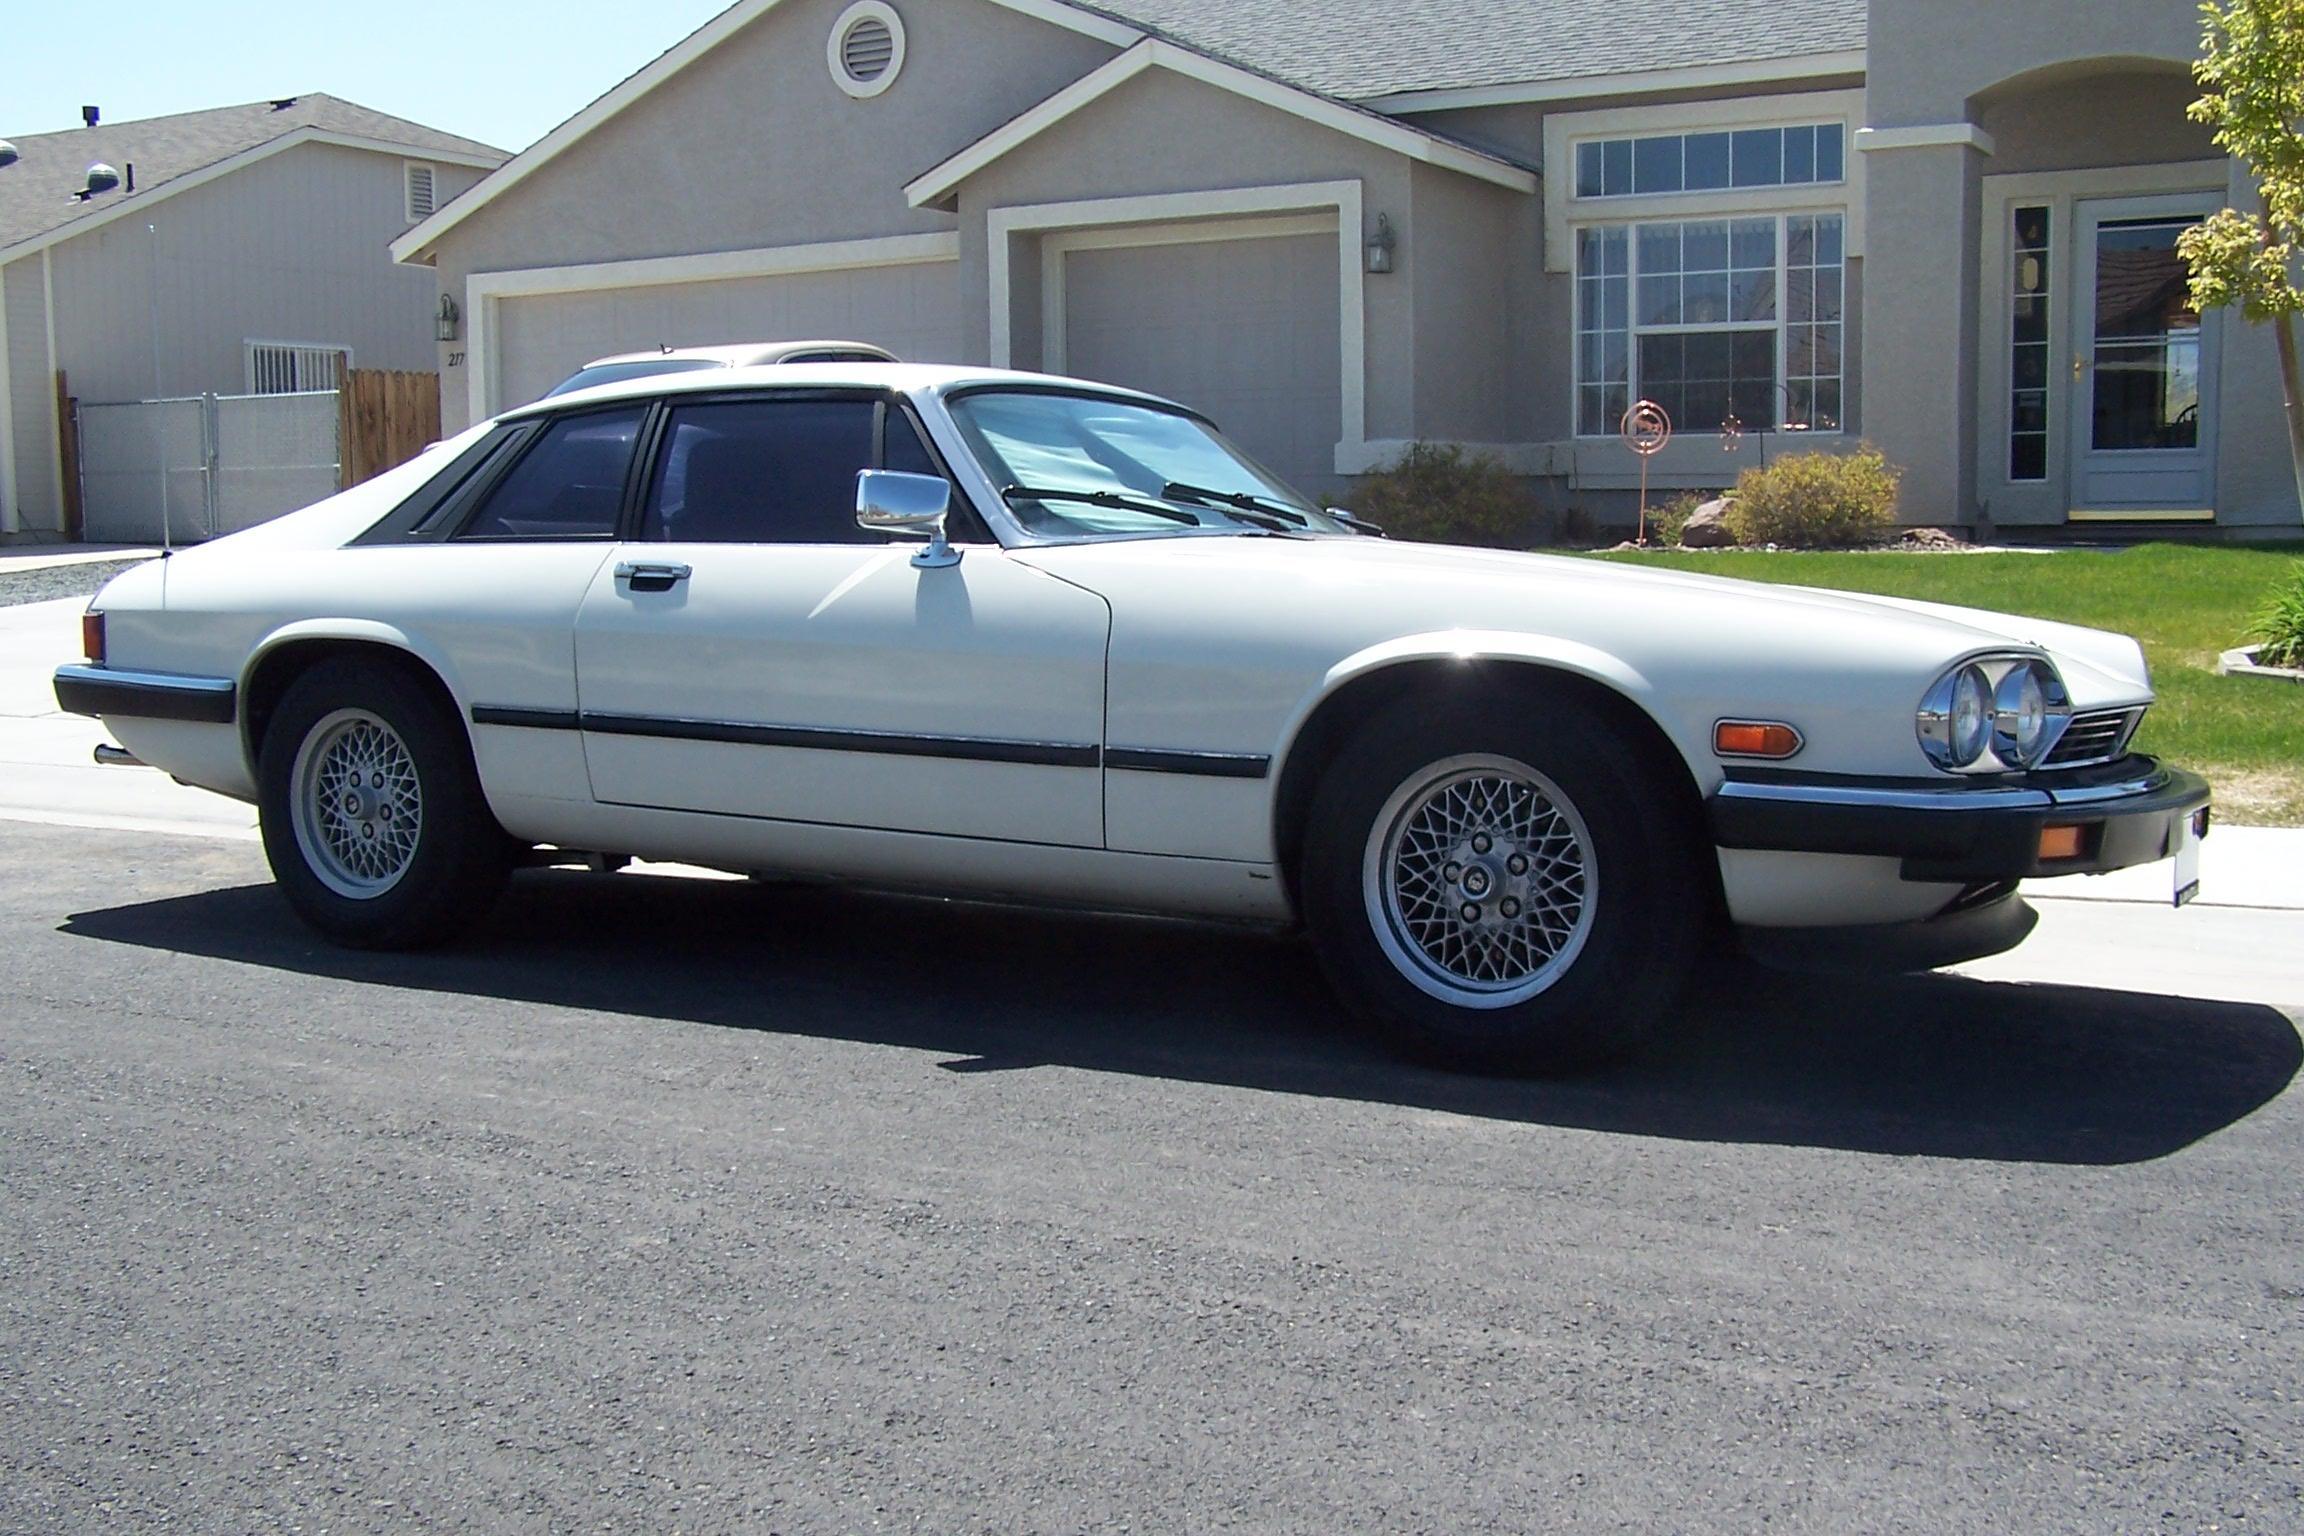 File:1991 Jaguar XJS (US Model V12).JPG